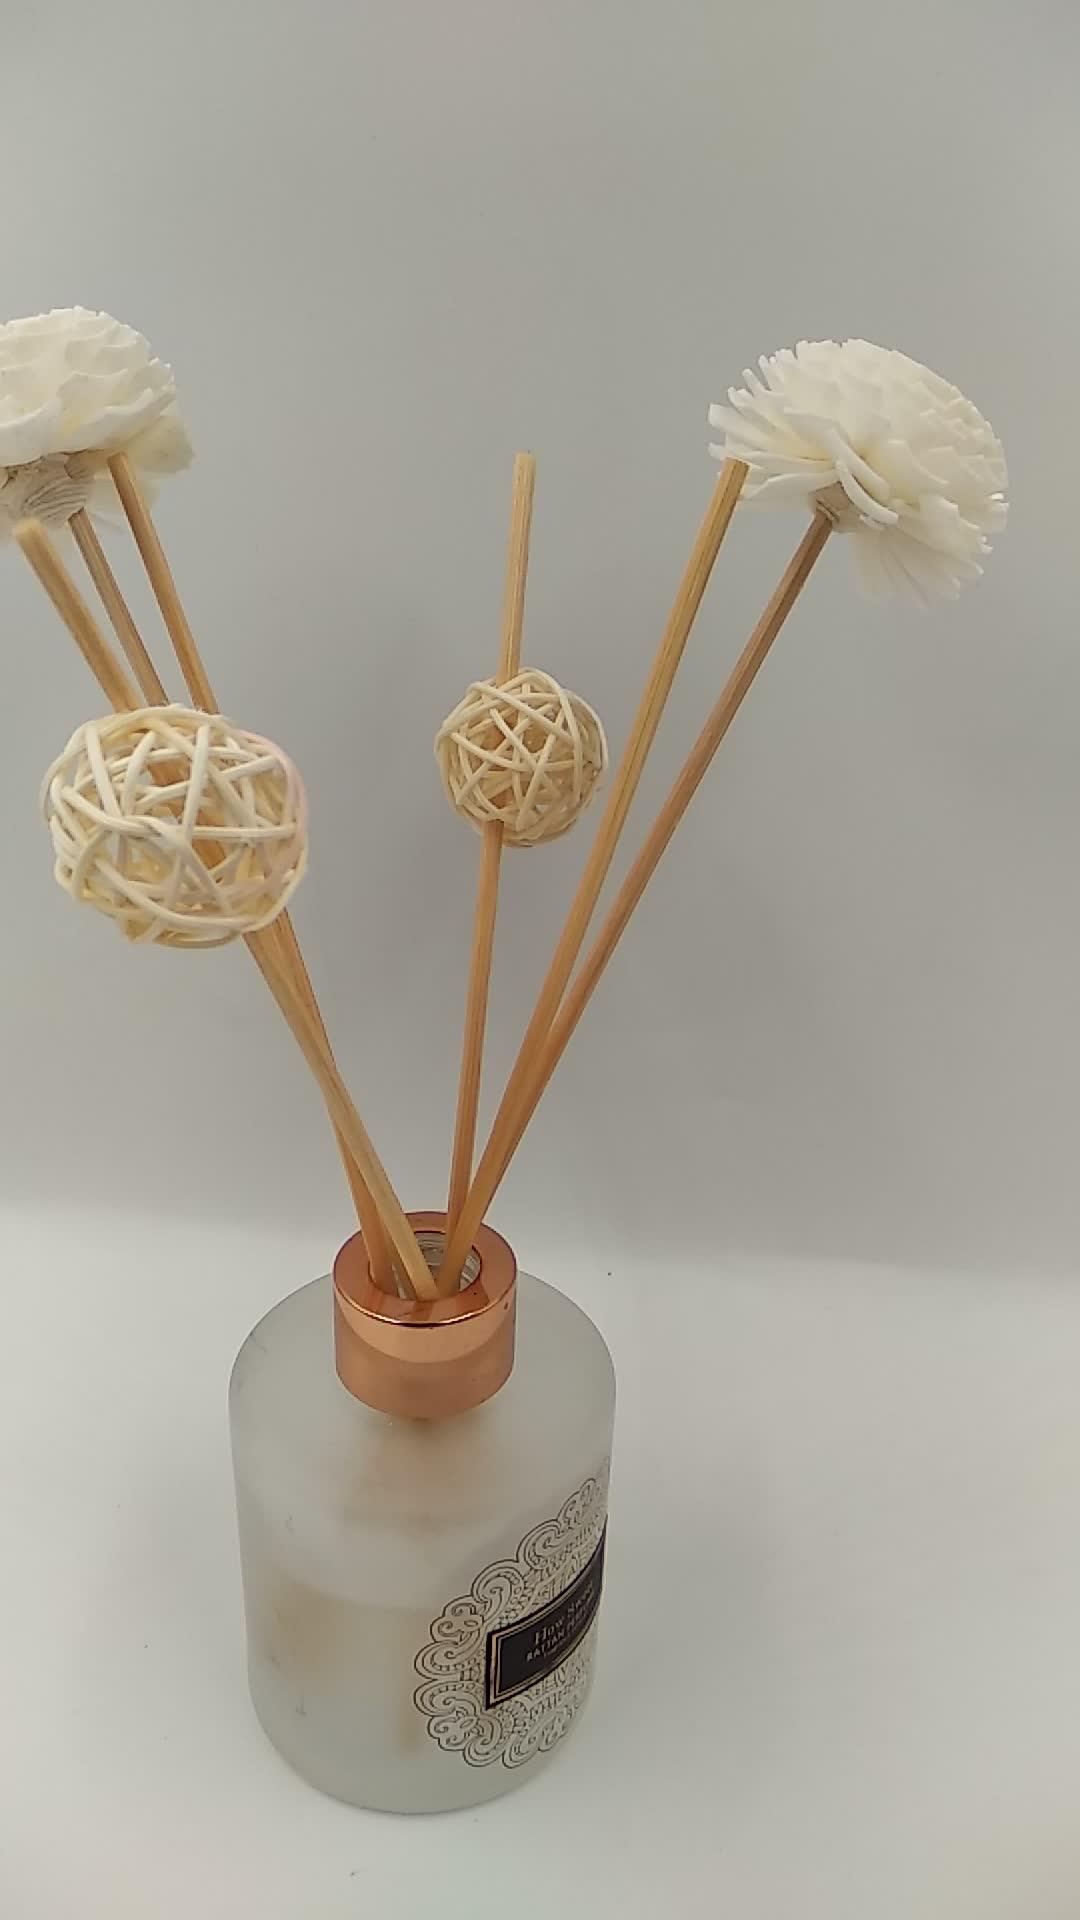 Artesanal De Madeira Sola Flor Difusor de Flores Secas com Corda de Algodão